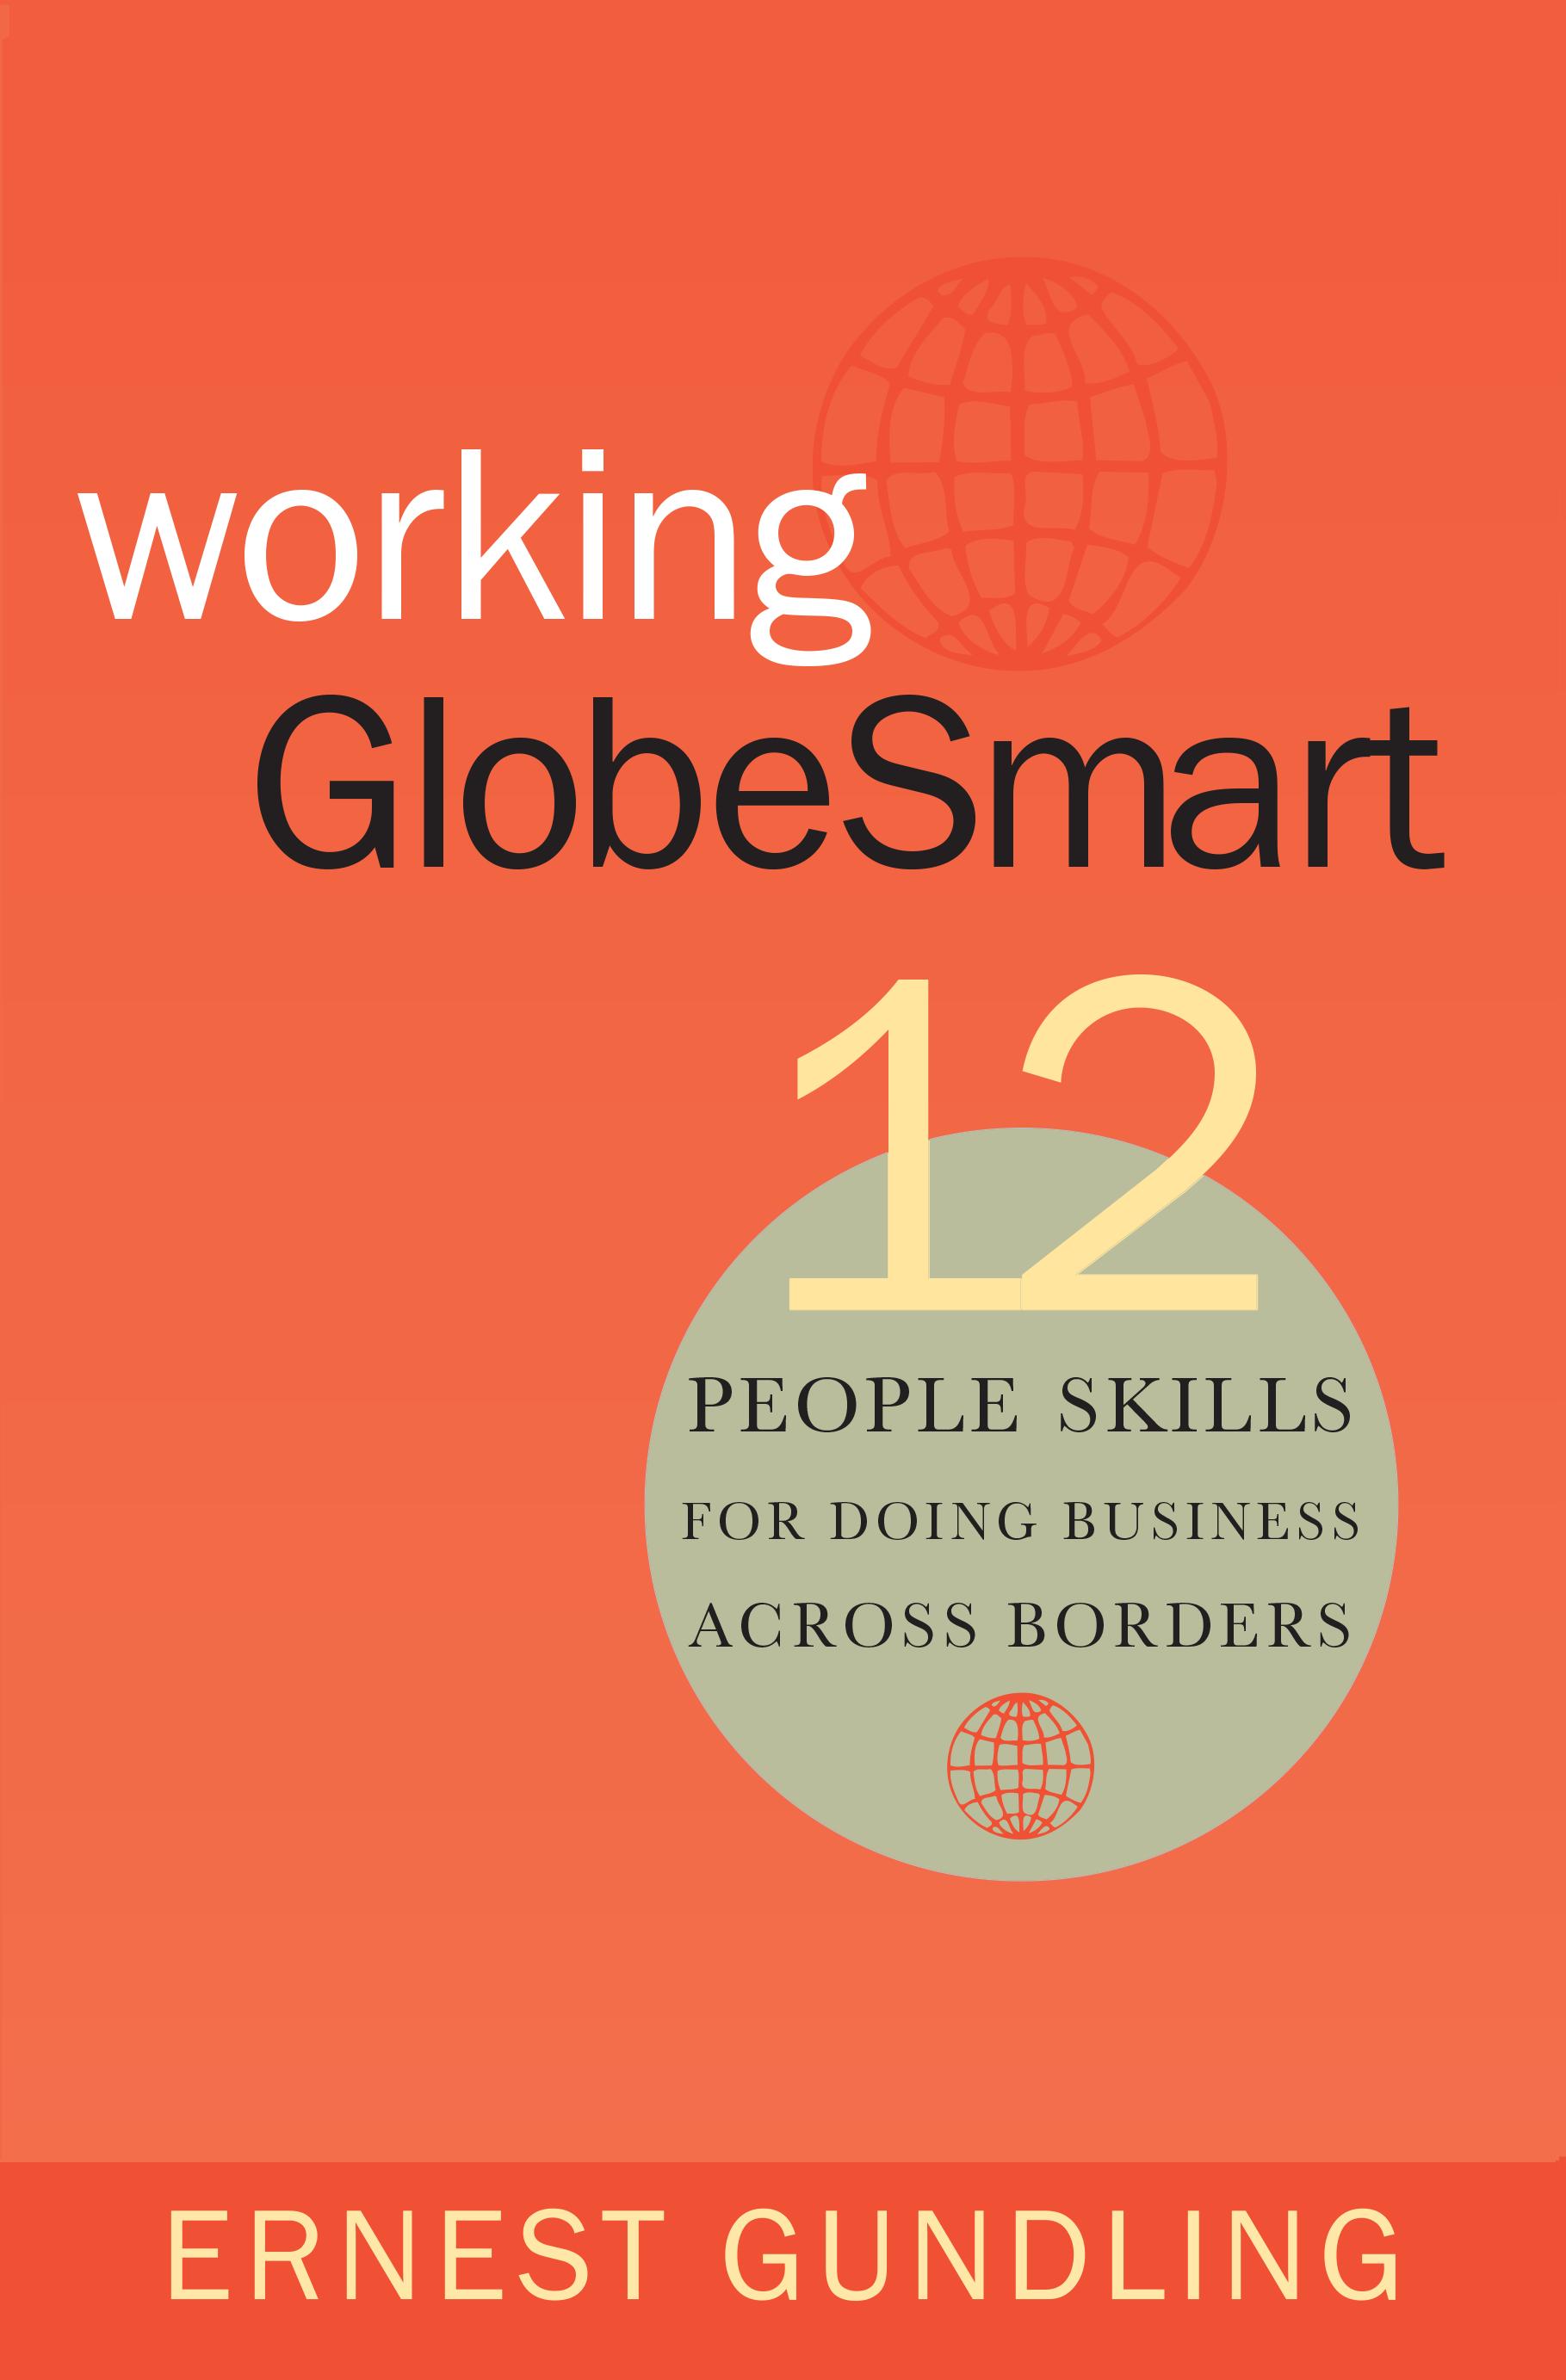 Working Globesmart_CVR.png